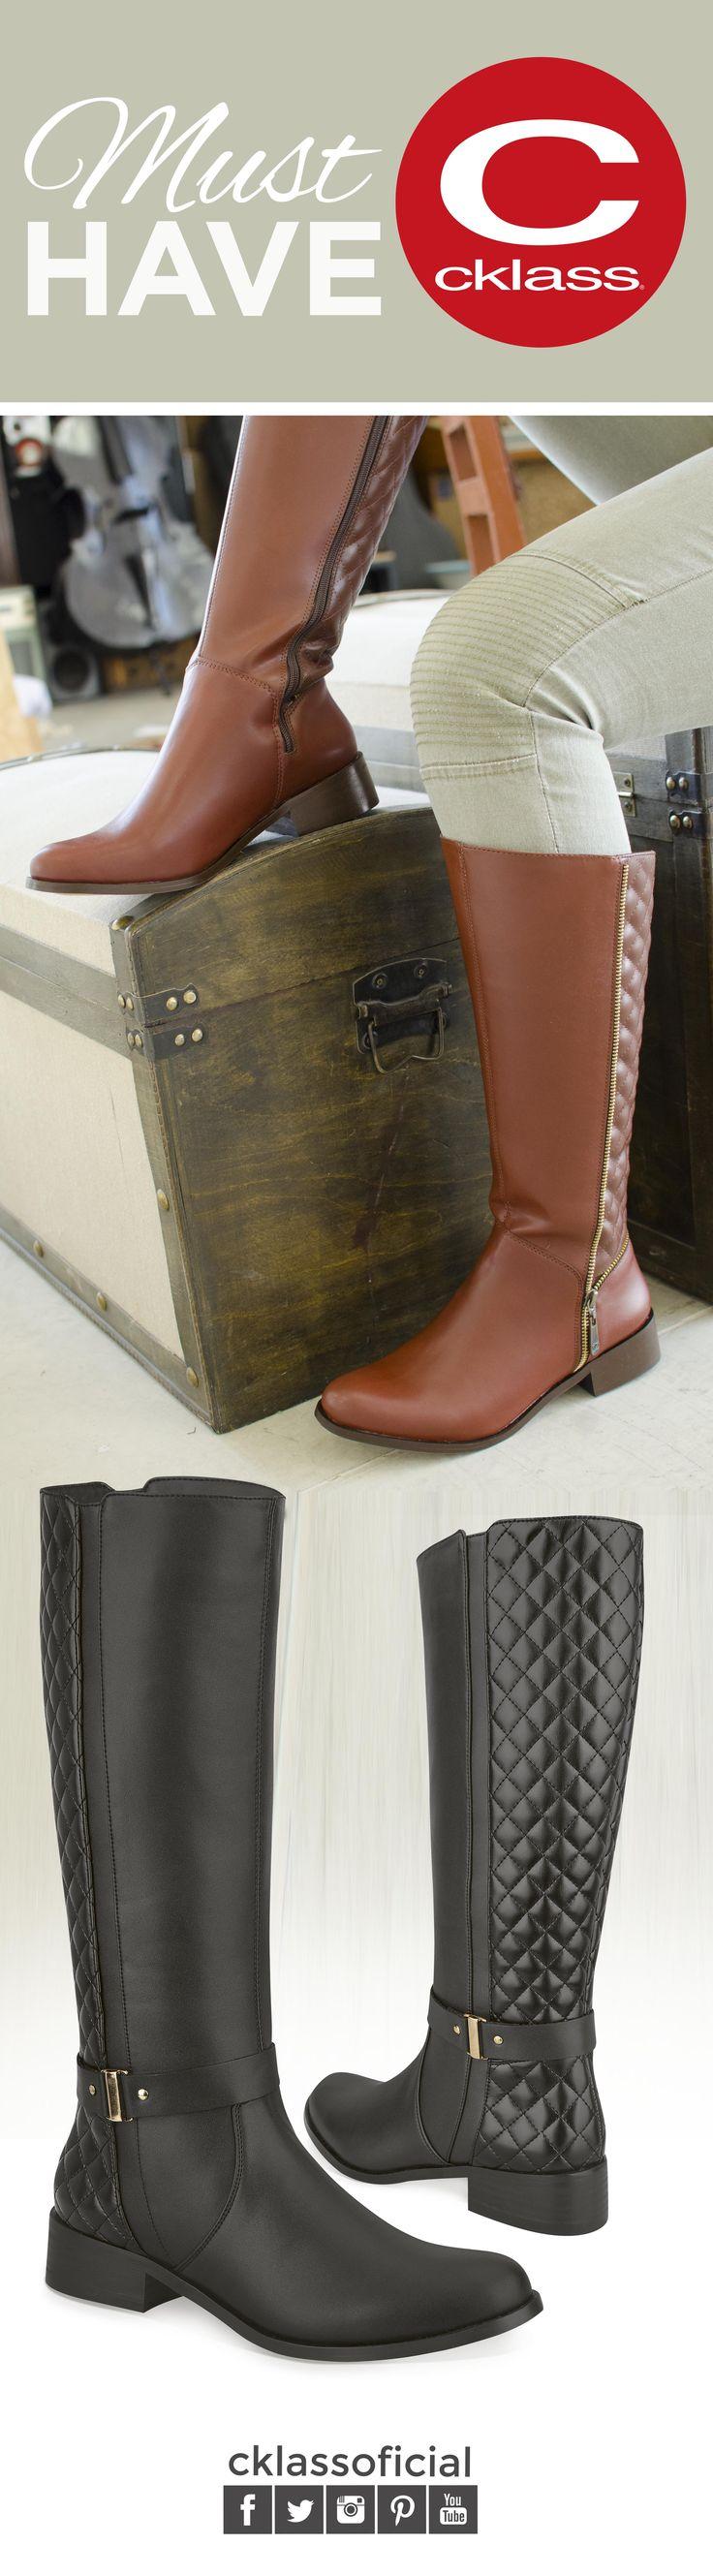 El invierno cada día está más cerca, es por ello que el calzado estrella de la temporada son las botas. Elige aquellas que tengan detalles originales como estas botas #Cklass con detalles metálicos y capitonados  que le darán a tu outfit un toque de #estilo y que te ayudarán a lucir increíble. Conoce la línea completa de la nueva colección de Botas Cklass y encuentra el par perfecto que se adapte a tu estilo.